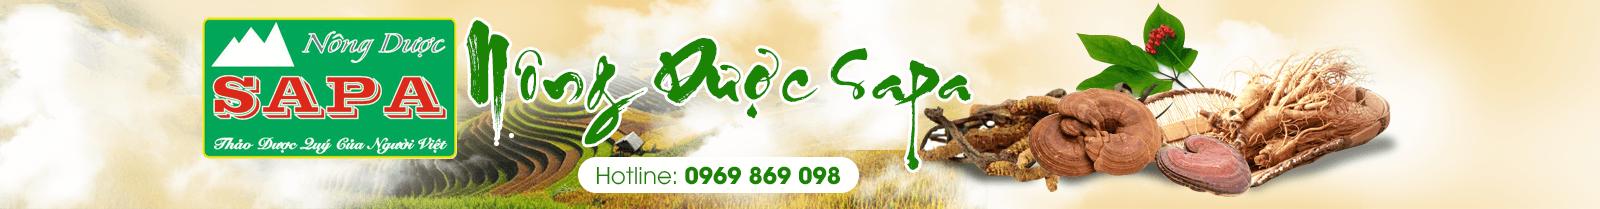 Nông dược Sapa - Nhà phân phối trà thảo dược, thảo dược quý, trà hoa thảo mộc.